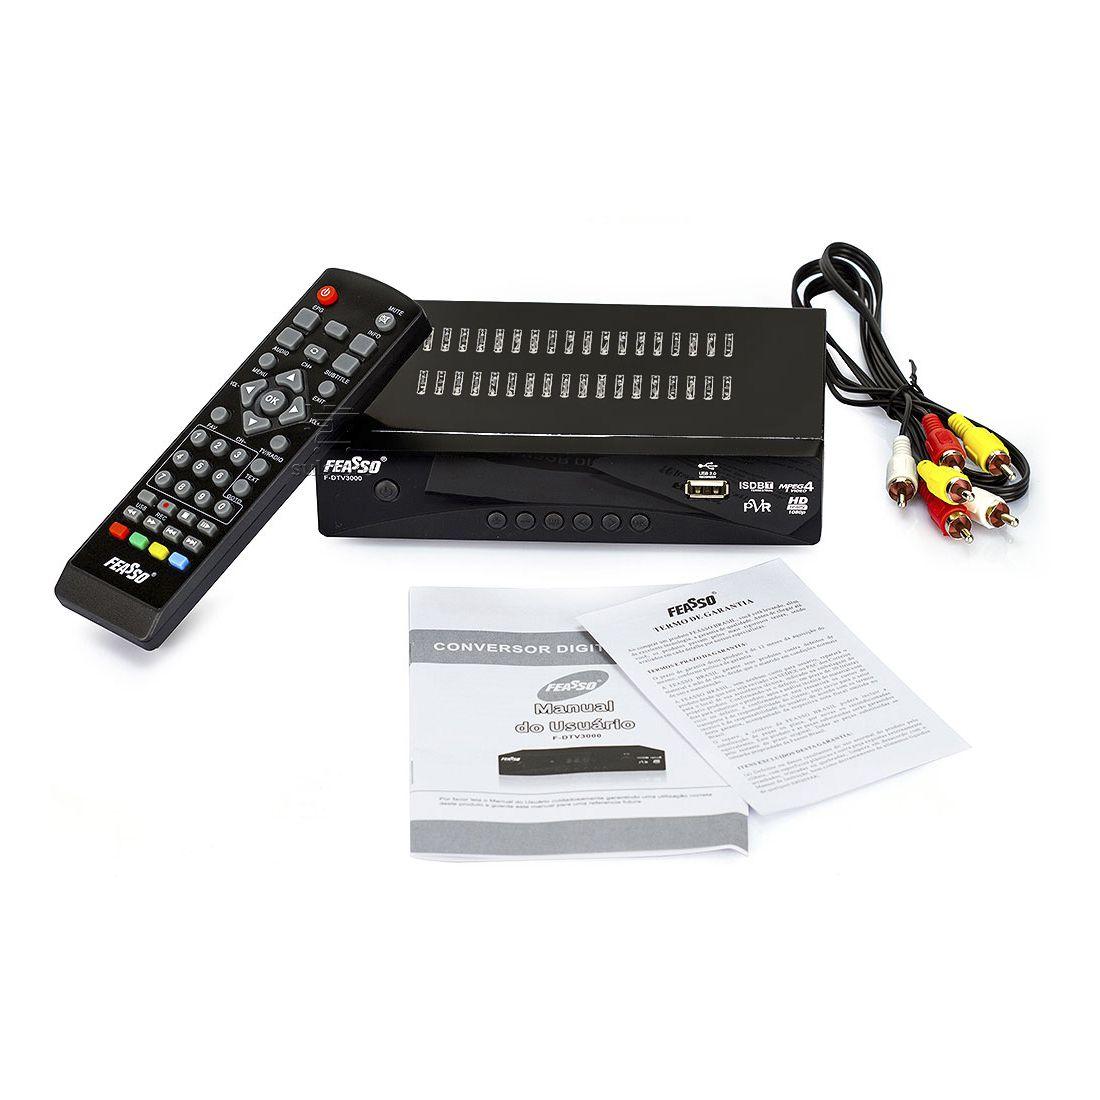 Conversor de TV Digital Função Gravador F-DTV3000 Feasso Grava no PenDrive